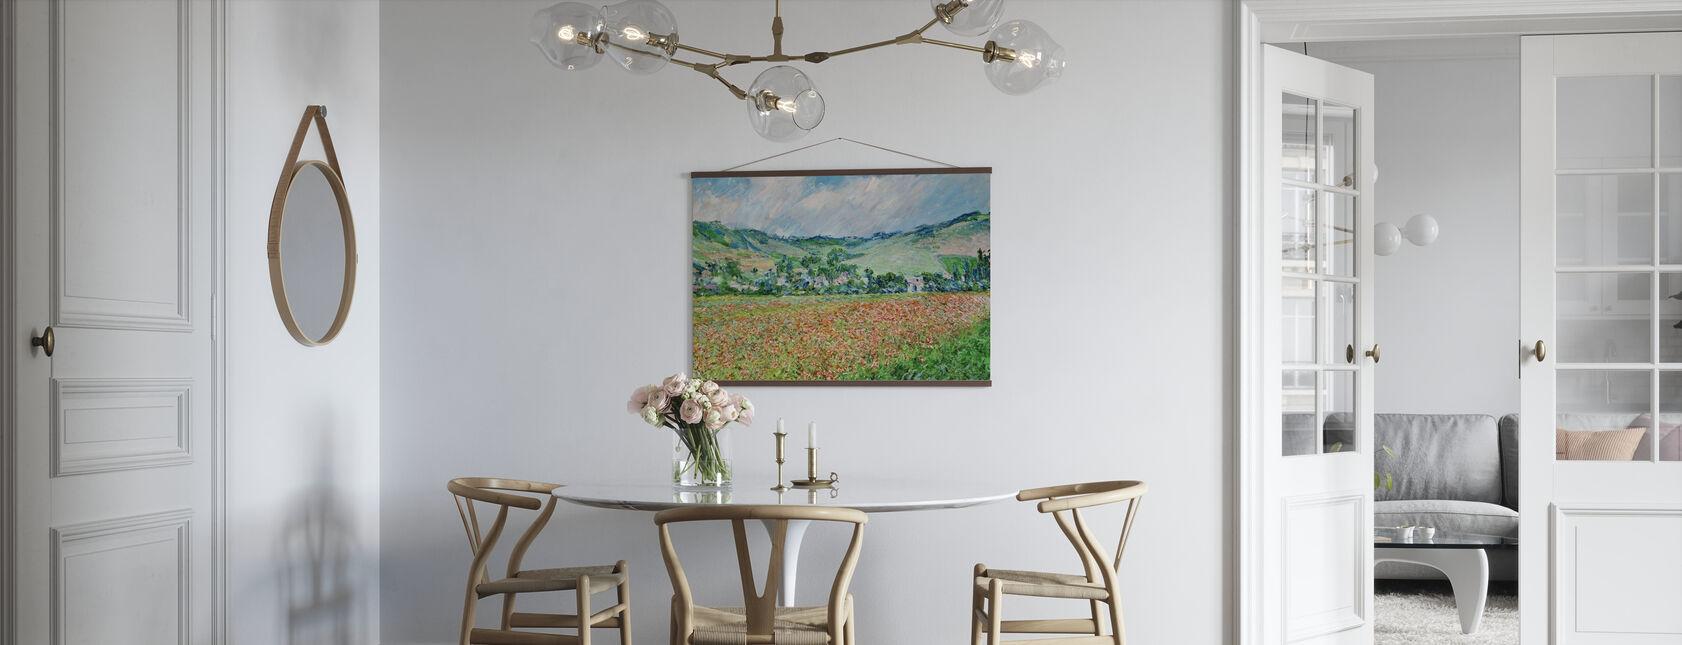 Vallmo - Vincent Van Gogh - Poster - Kök